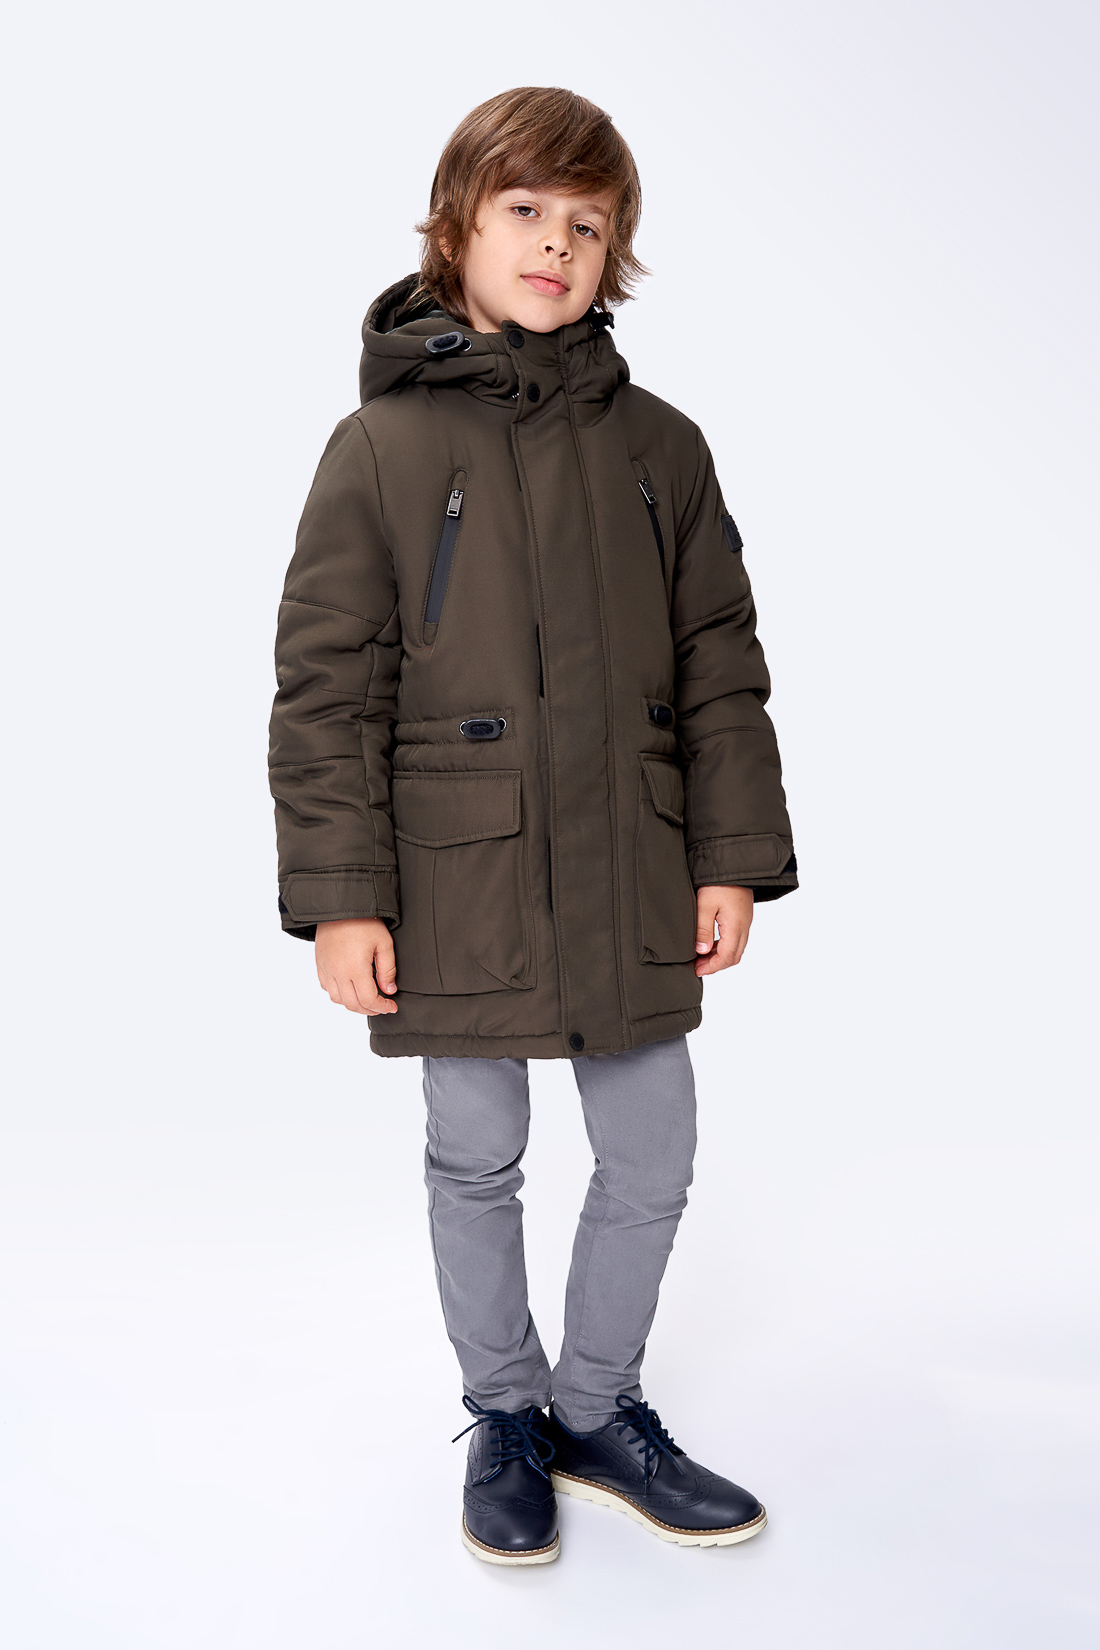 Купить Куртка для мальчика Baon BK539503 цв. зеленый р.140,